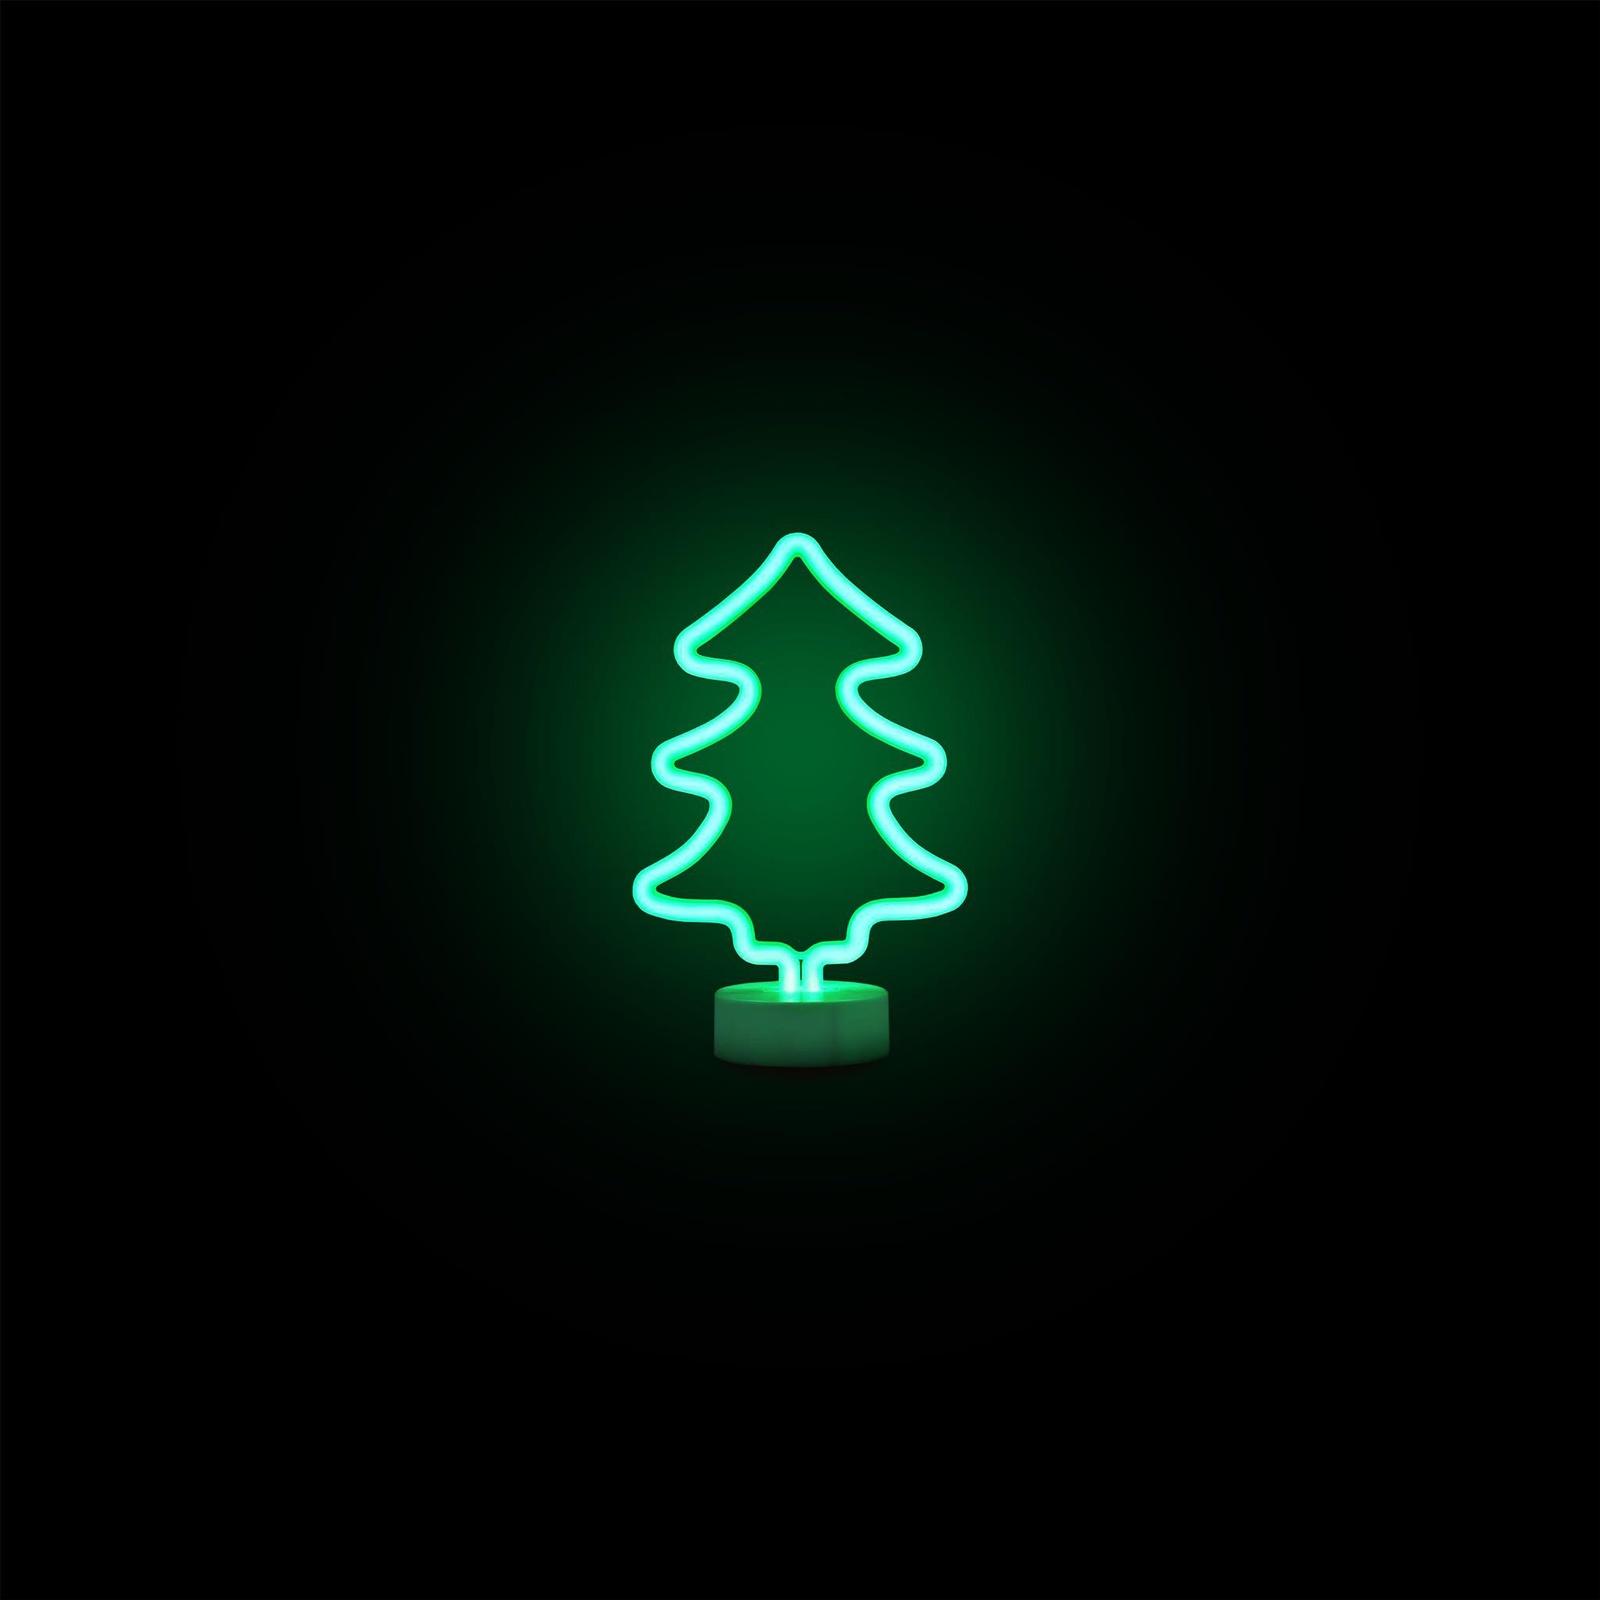 Светодиодный настольный неоновый светильник APEYRON electrics 12-65 Елка, цвет: зеленый12-65Настольный неоновый светильник в форме ёлочки станет отличным украшением вашего интерьера не только на Новый год. Светит ровным, мягким зелёным светом, не мигает и не раздражает глаза. Светодиодные светильники не нагреваются, а значит, пожаробезопасны, что позволяет использовать их в детских комнатах. Светильник работает от трёх пальчиковых батареек (в комплект не входят). Мощность 3 Вт.